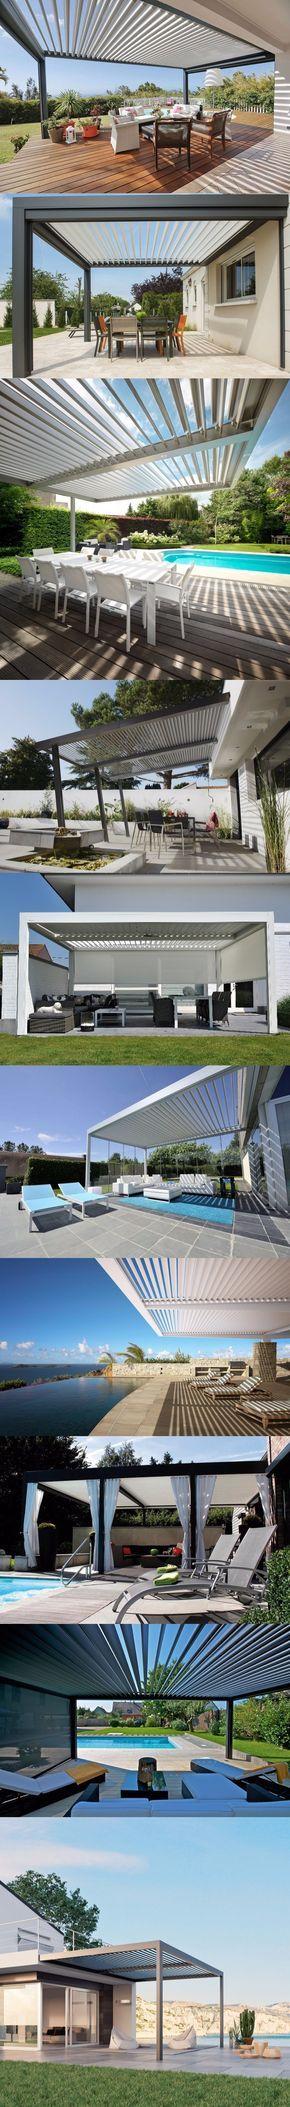 Disfruta tu terraza con una pérgola bioclimática / https://proyectos.habitissimo.es